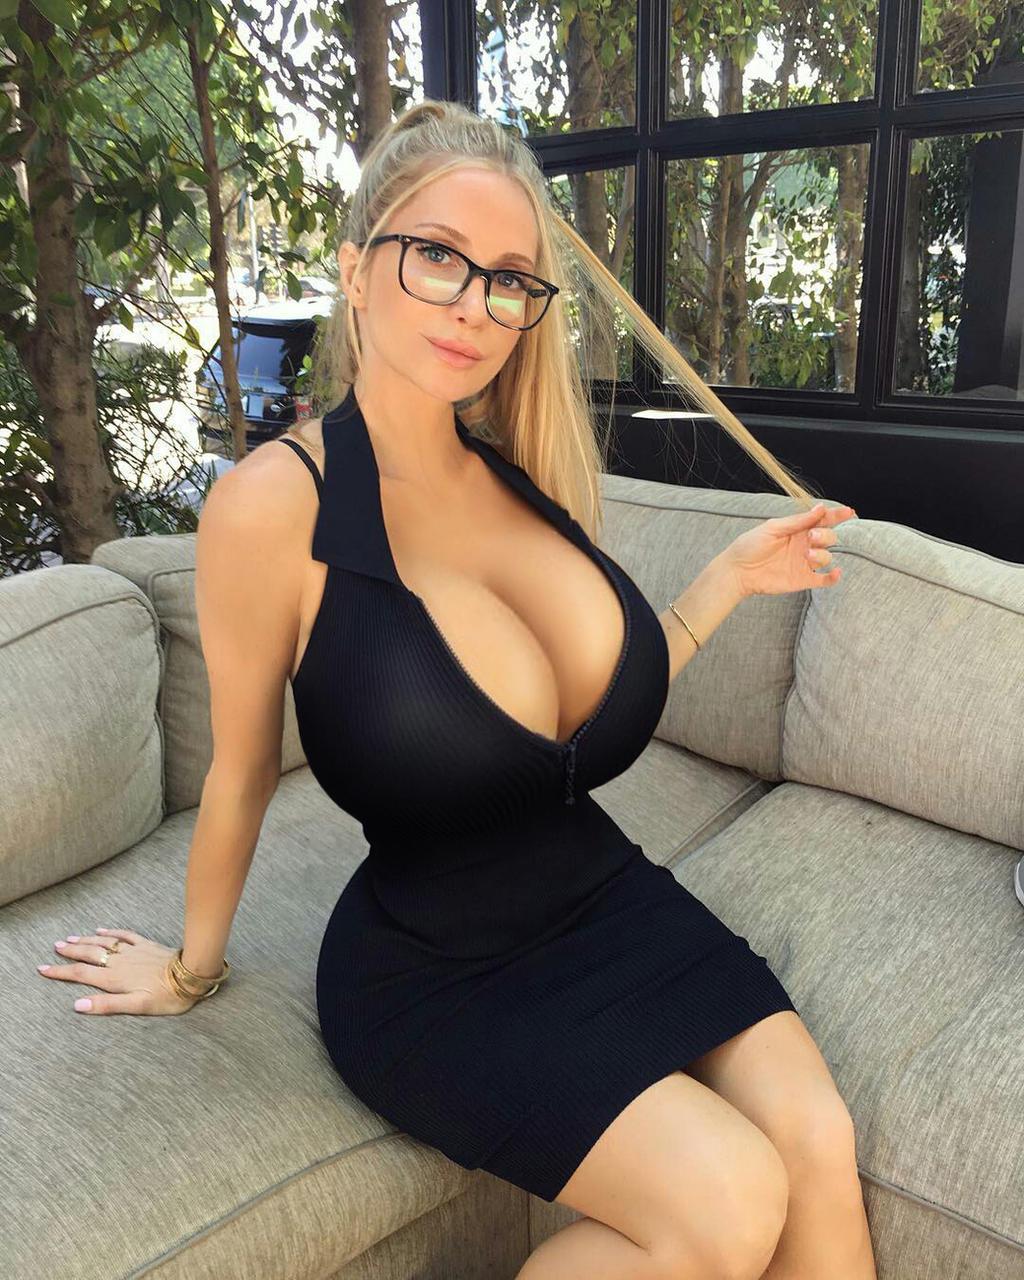 Amanda Lee Tits amanda elise leethegeckoking on deviantart